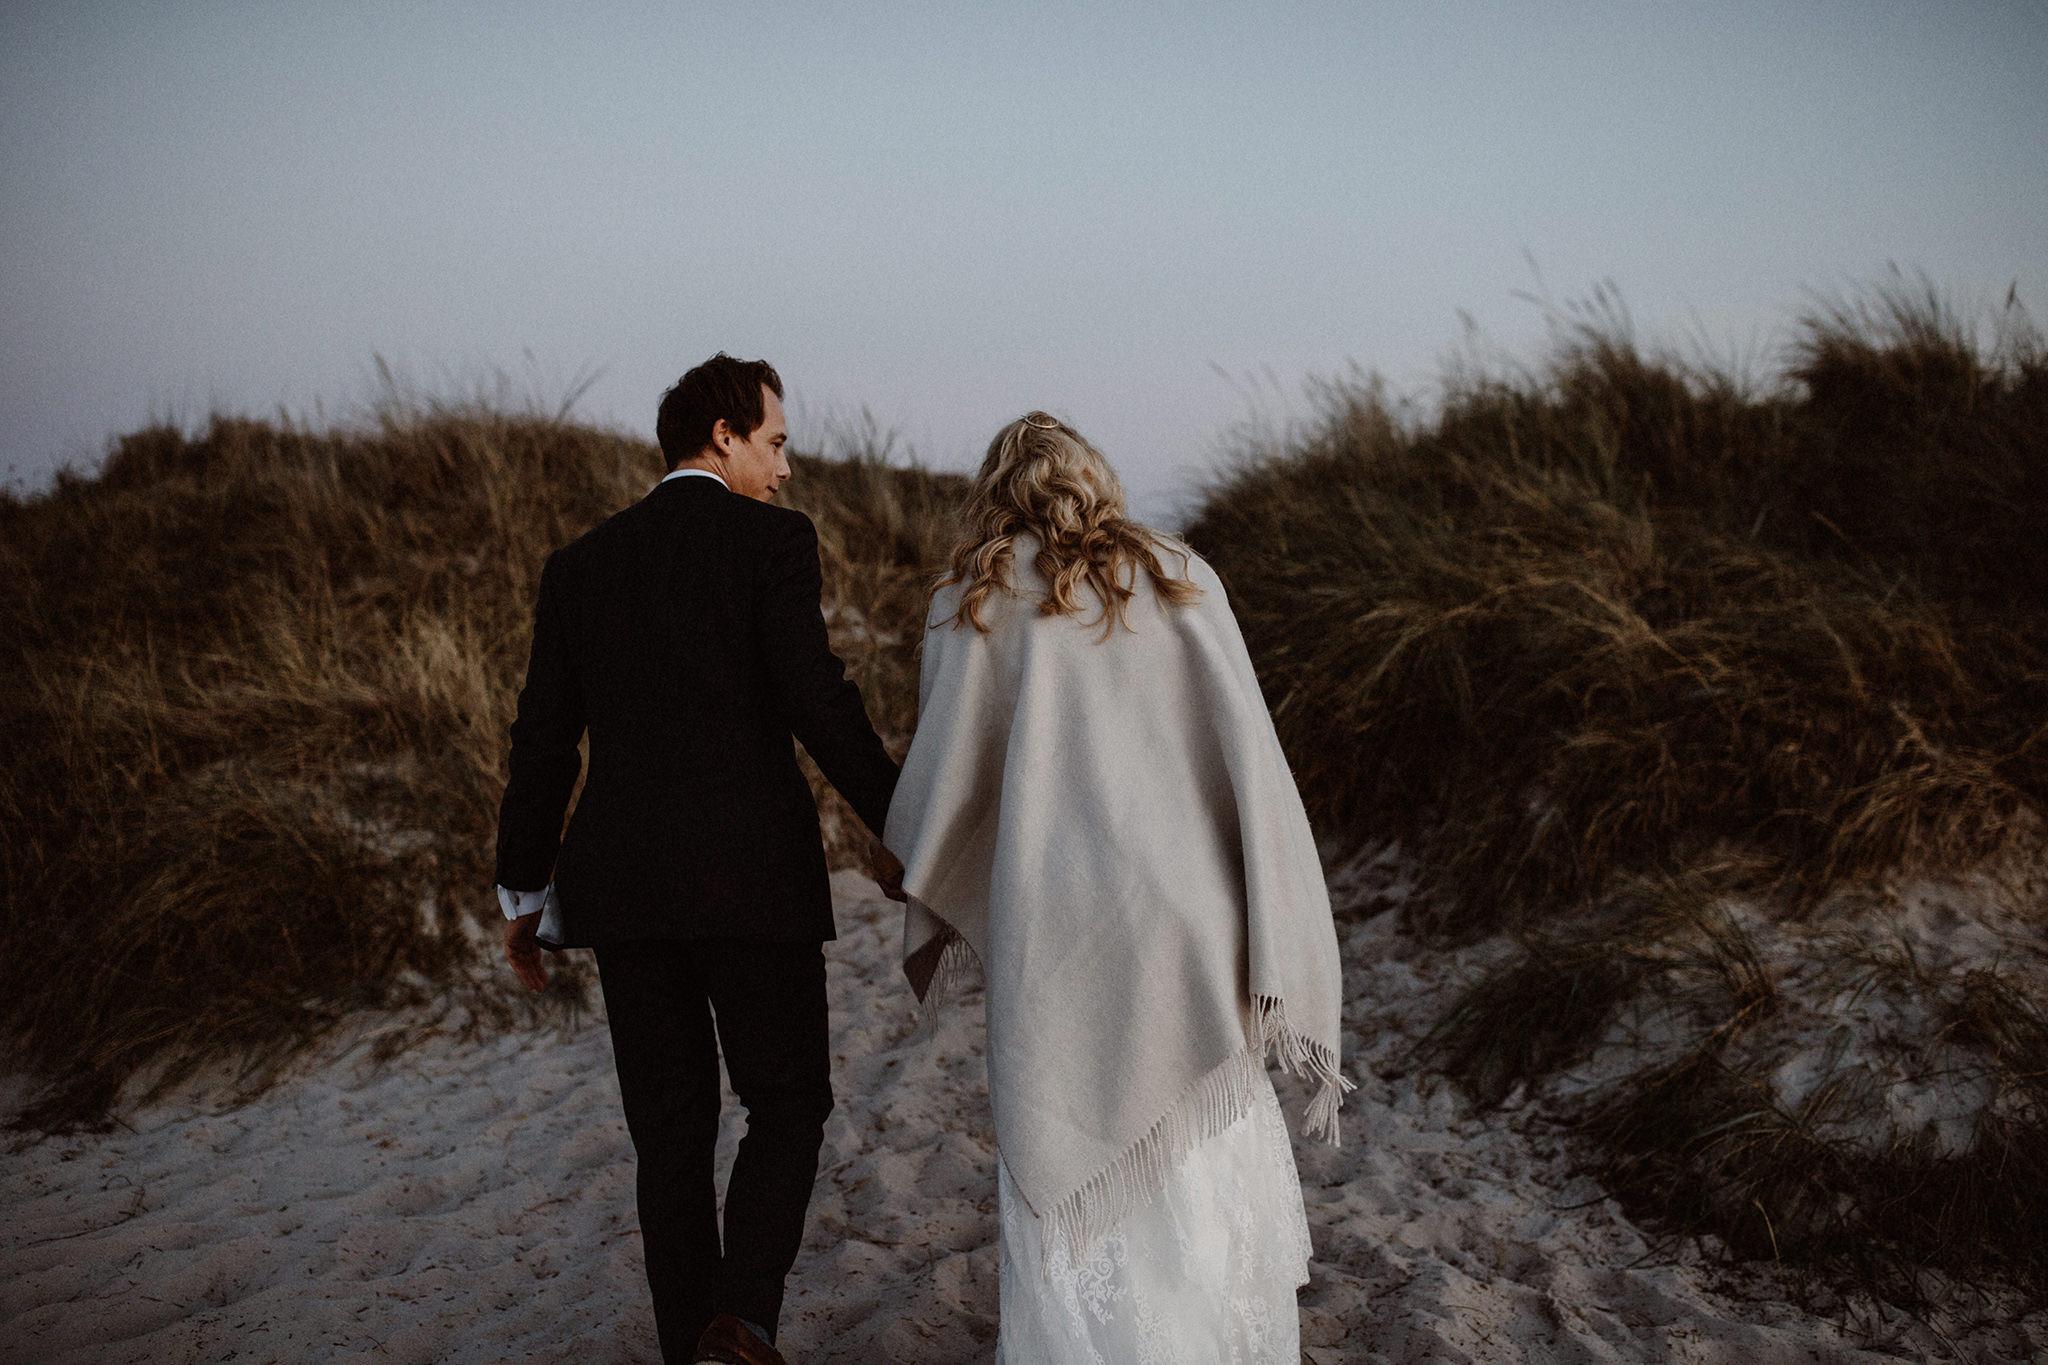 hochzeitsfotografie-kiel-norddeutschland-ostsee-afterwedding-36